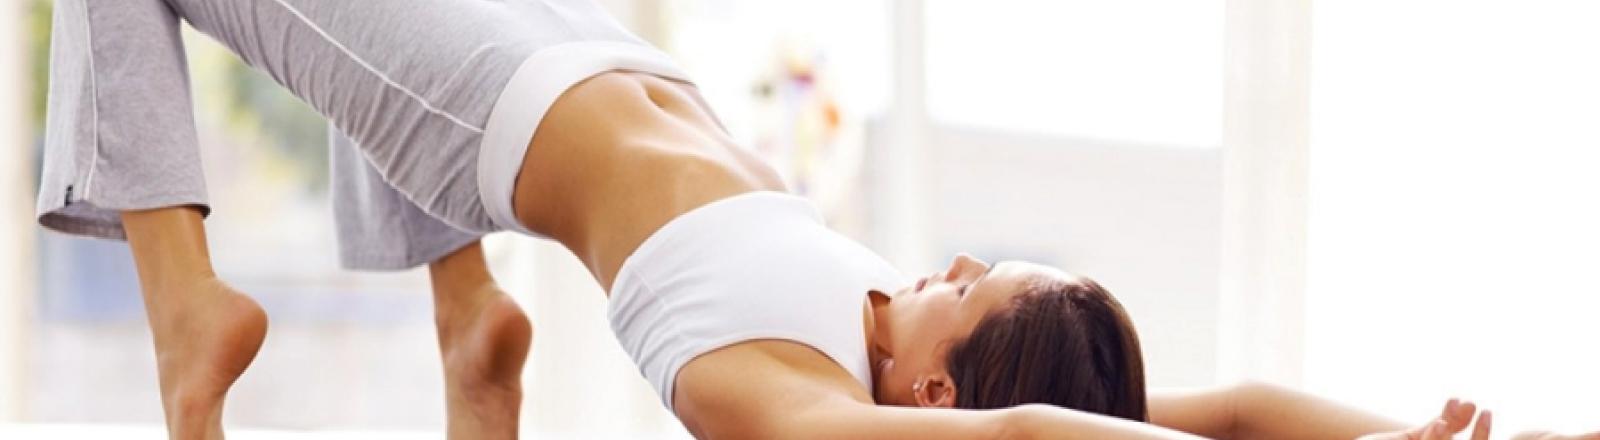 espalda sana deporte fisioclinics bilbao